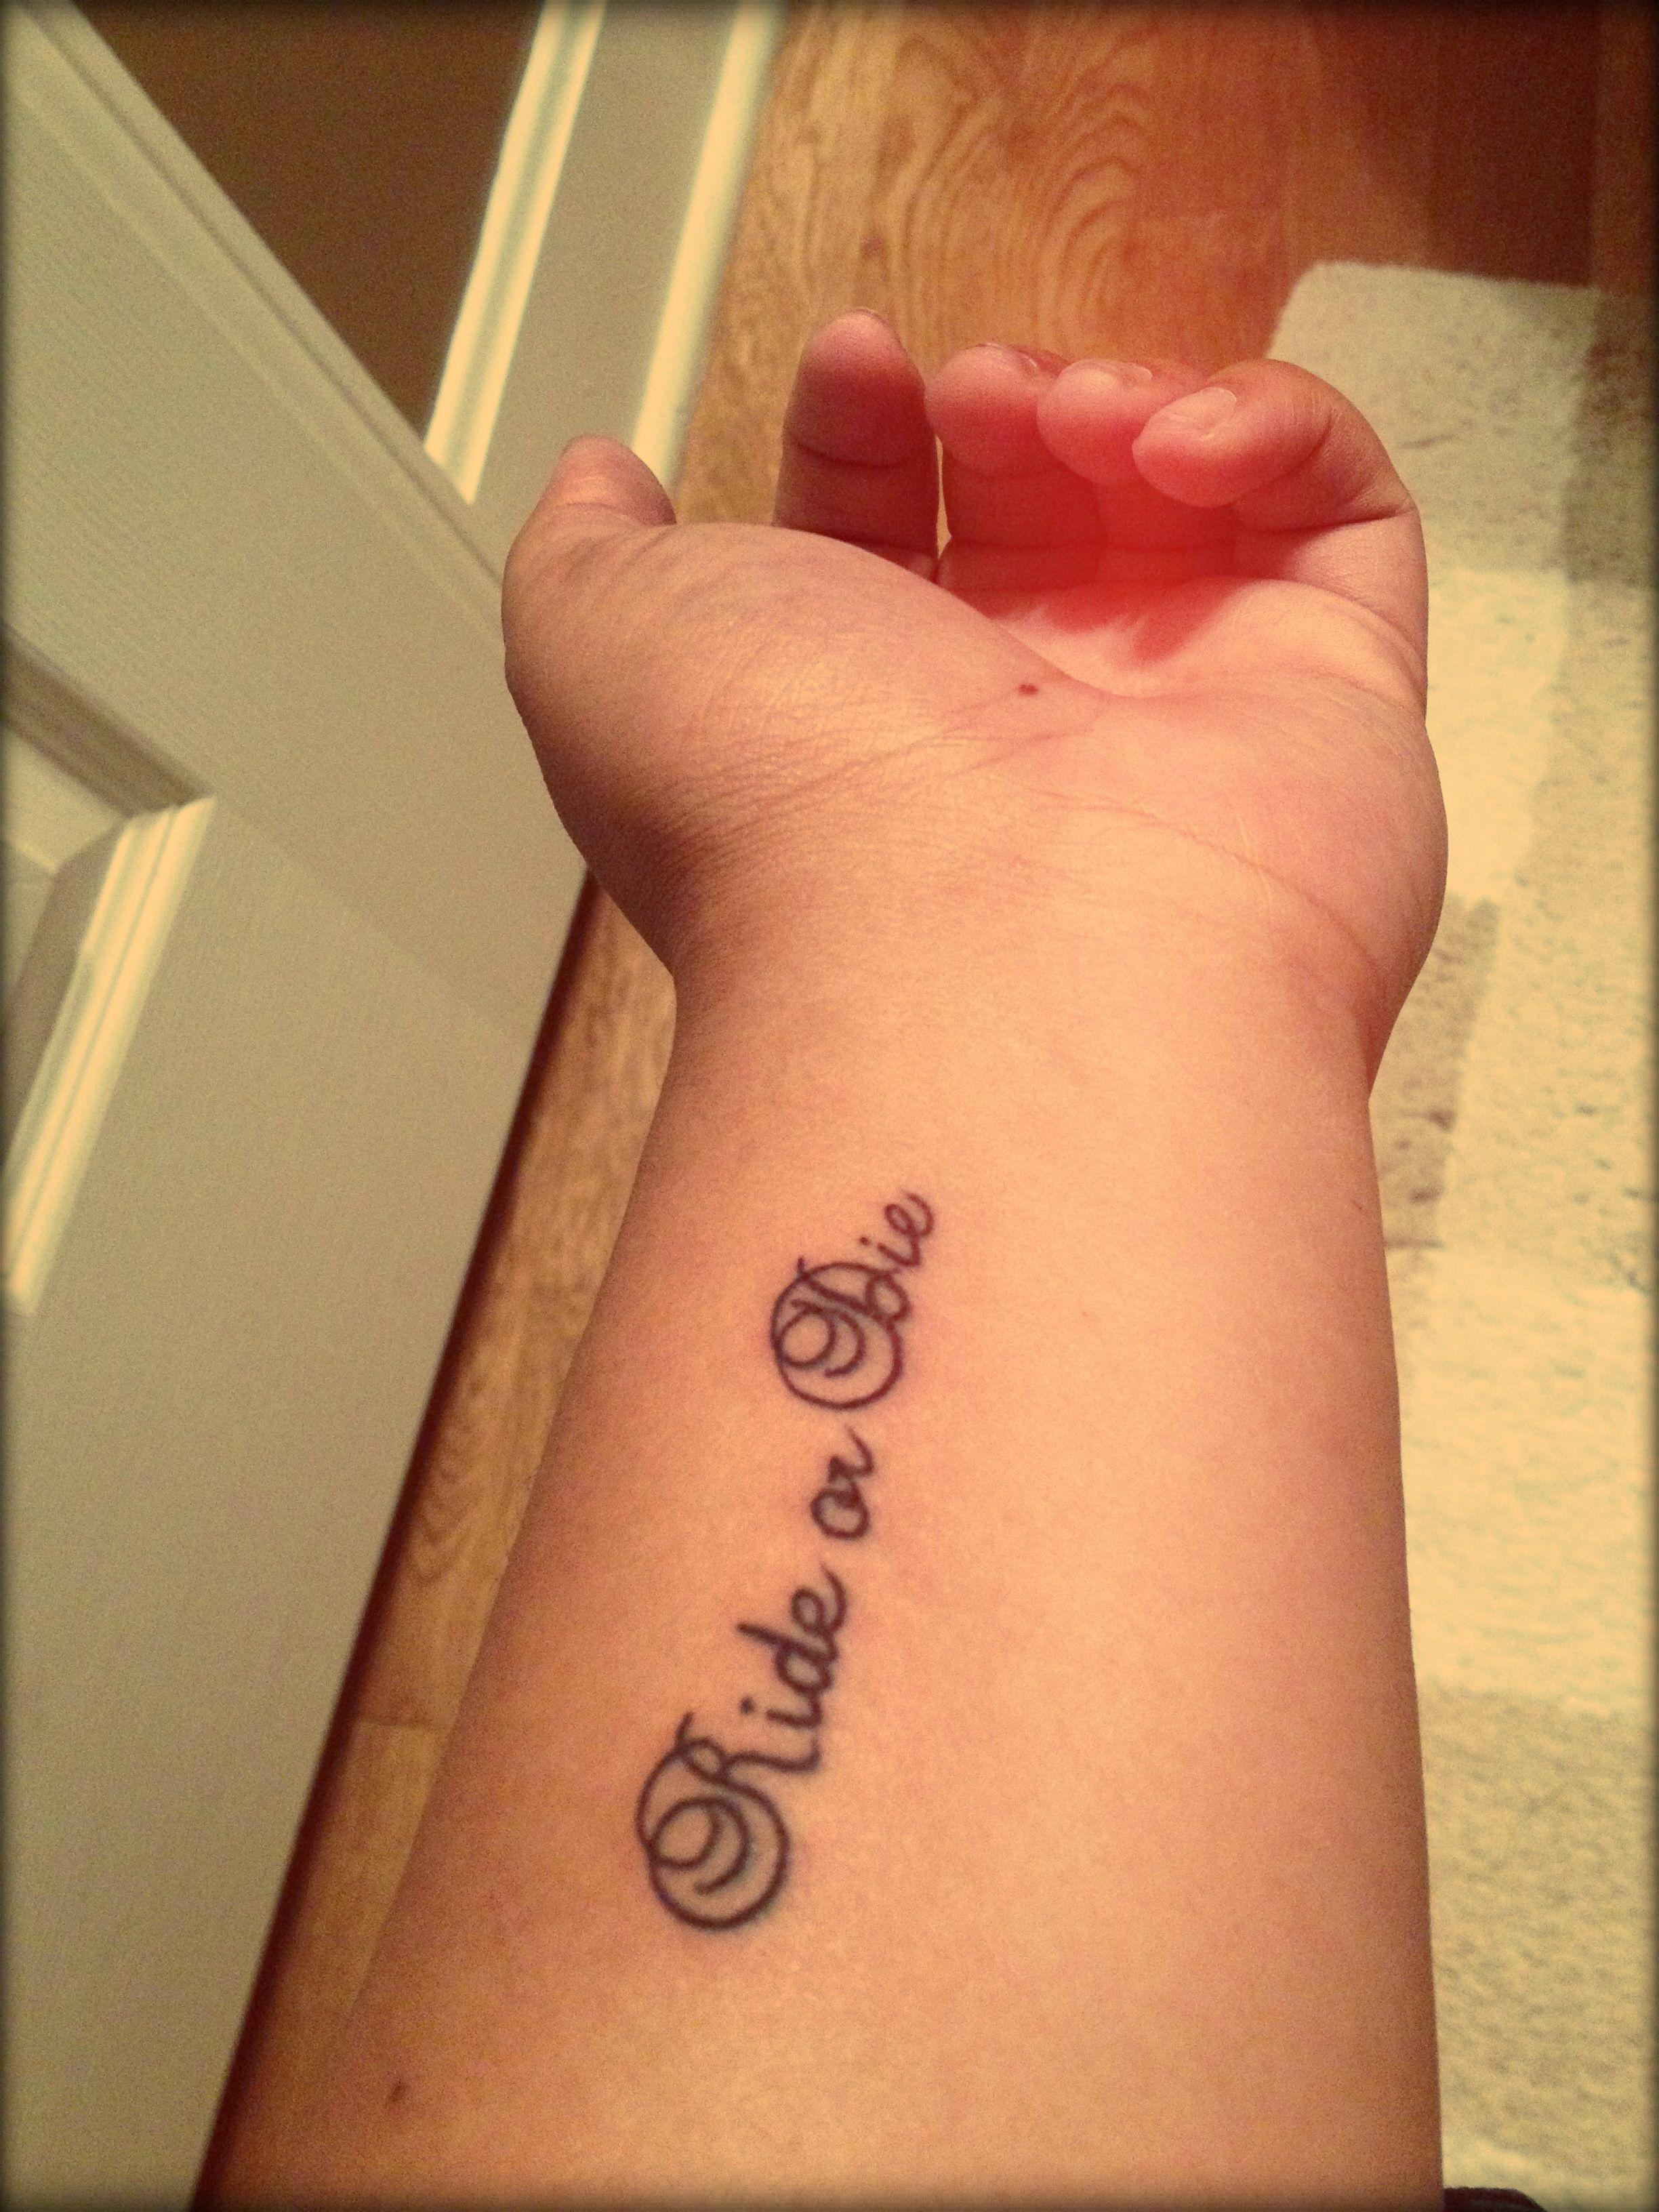 Ride Or Die Tattoo Tattoos Pinterest Tattoos Ride Or Die